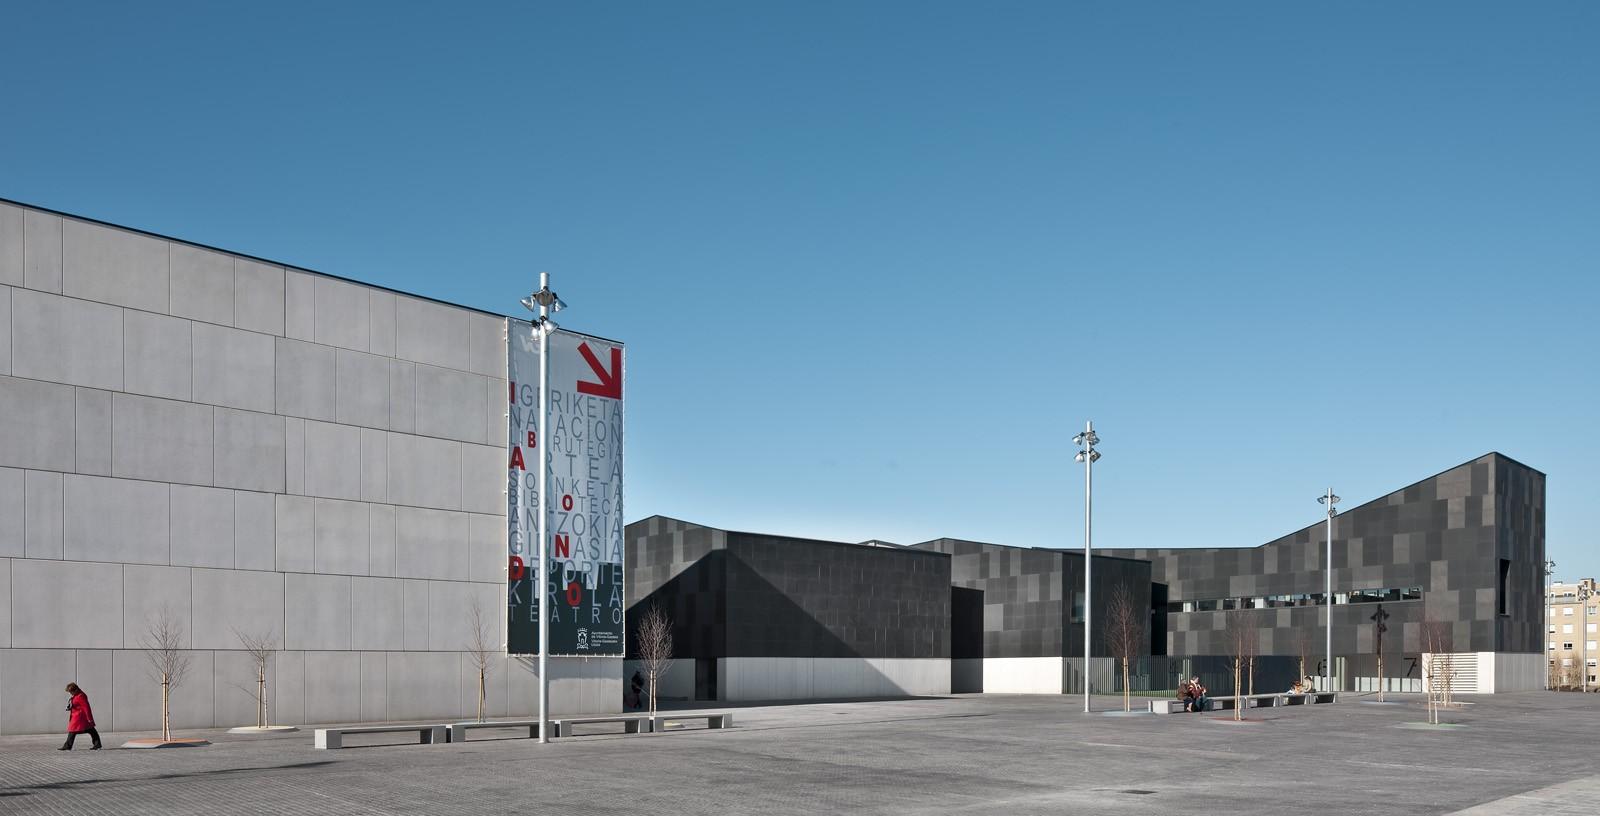 Ibaiondo_Civic_Centre_Architecture_05_IDOM_copyright_Josema_Cutillas